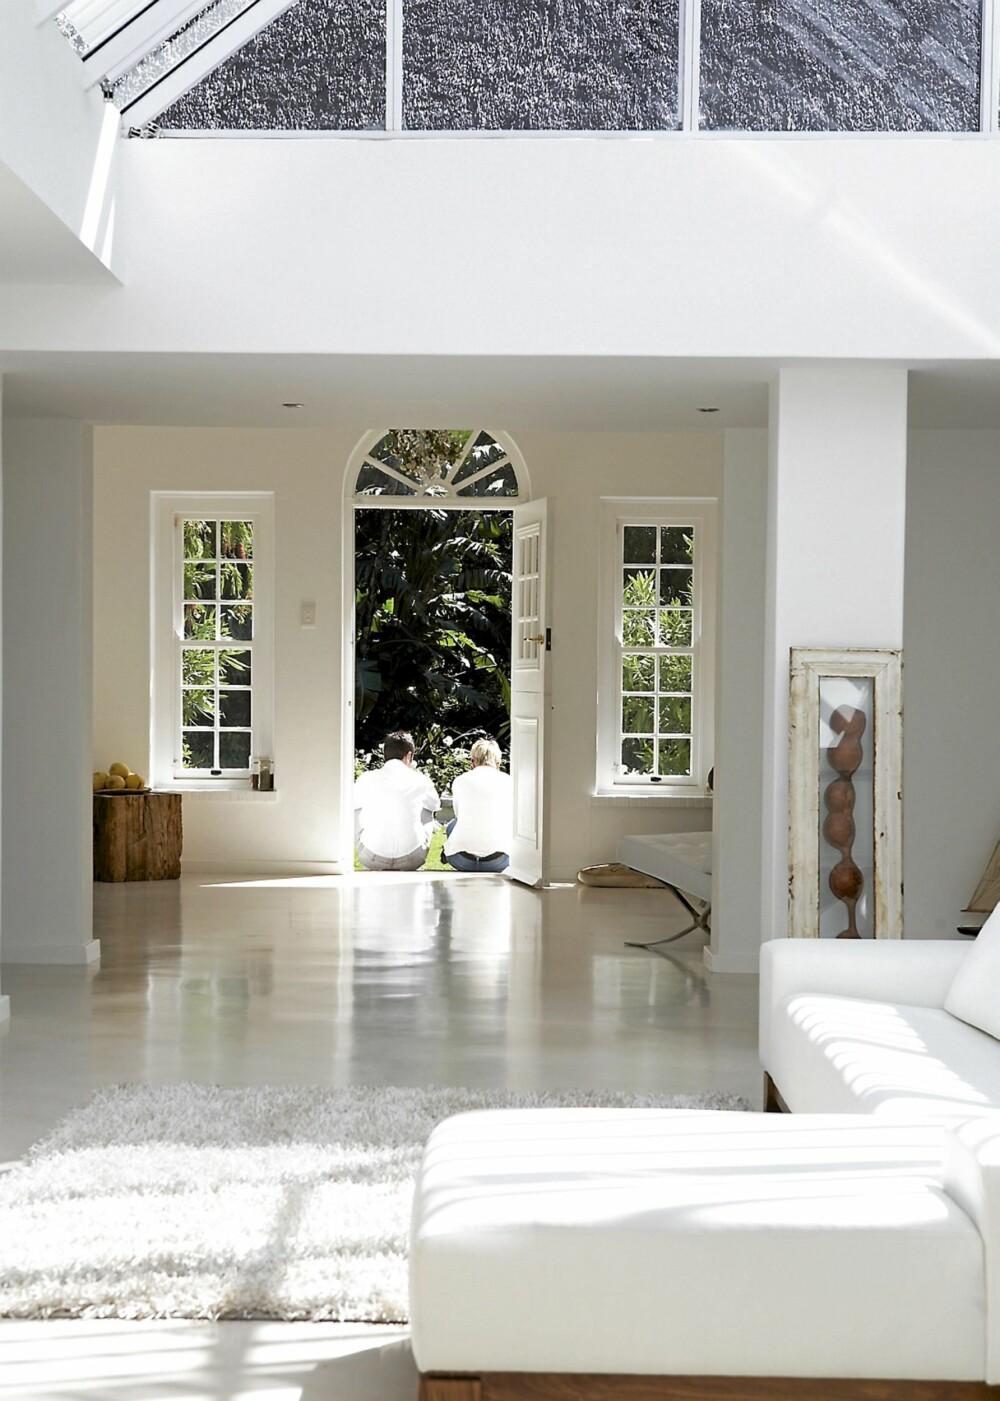 HVITT I VARIASJON: Hele huset er malt eller vasket hvitt. Glansforskjeller skaper likevel spennende kontraster, slik som det isblanke gulvets kulde mot veggenes matte glød.